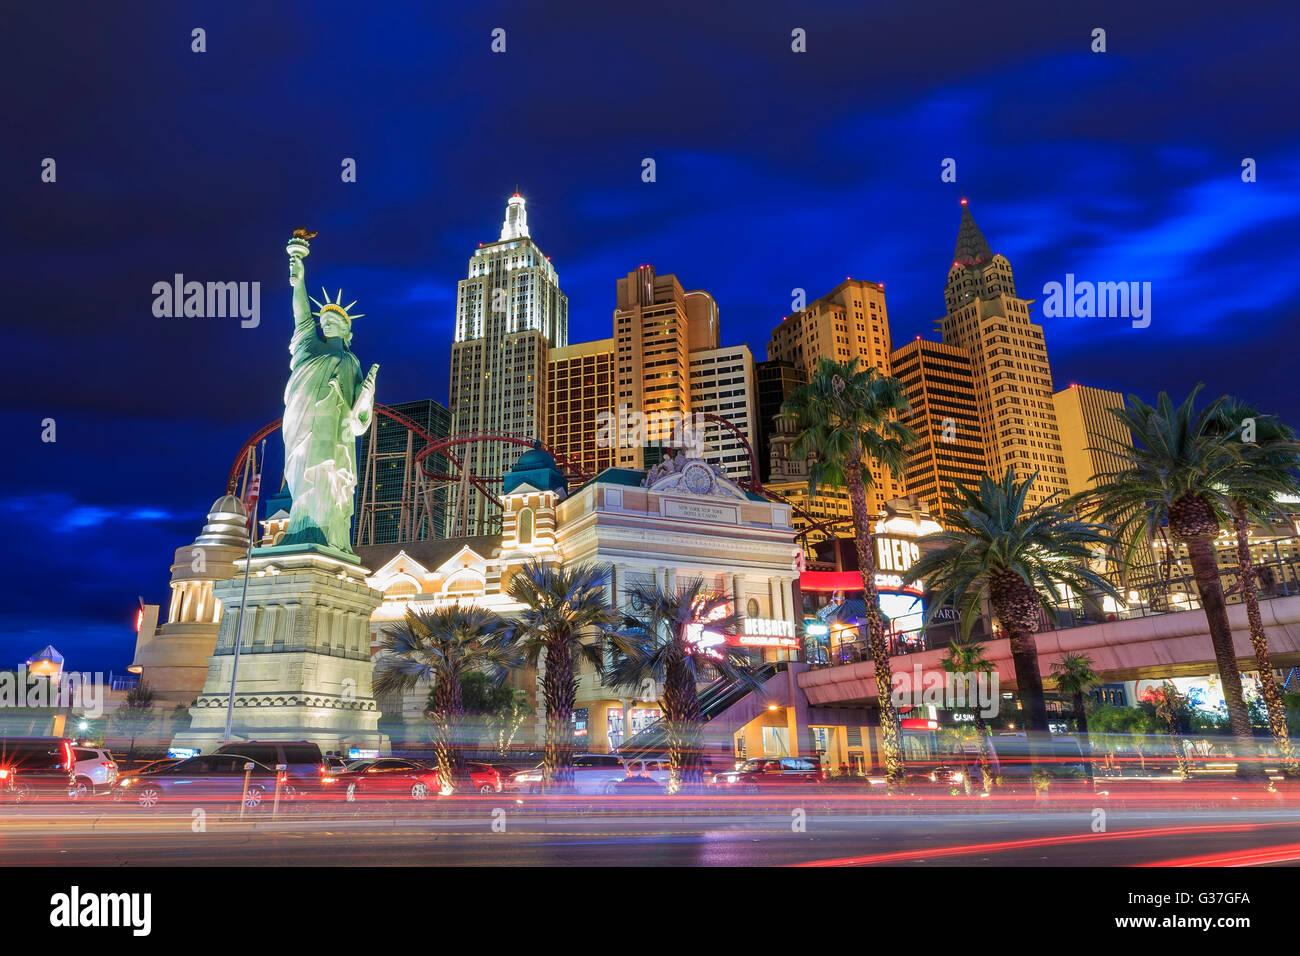 5 AOÛT, Las Vegas: Le célèbre New York New York Hotel & Casino Le Août 5, 2015 à Las Vegas, Nevada Banque D'Images